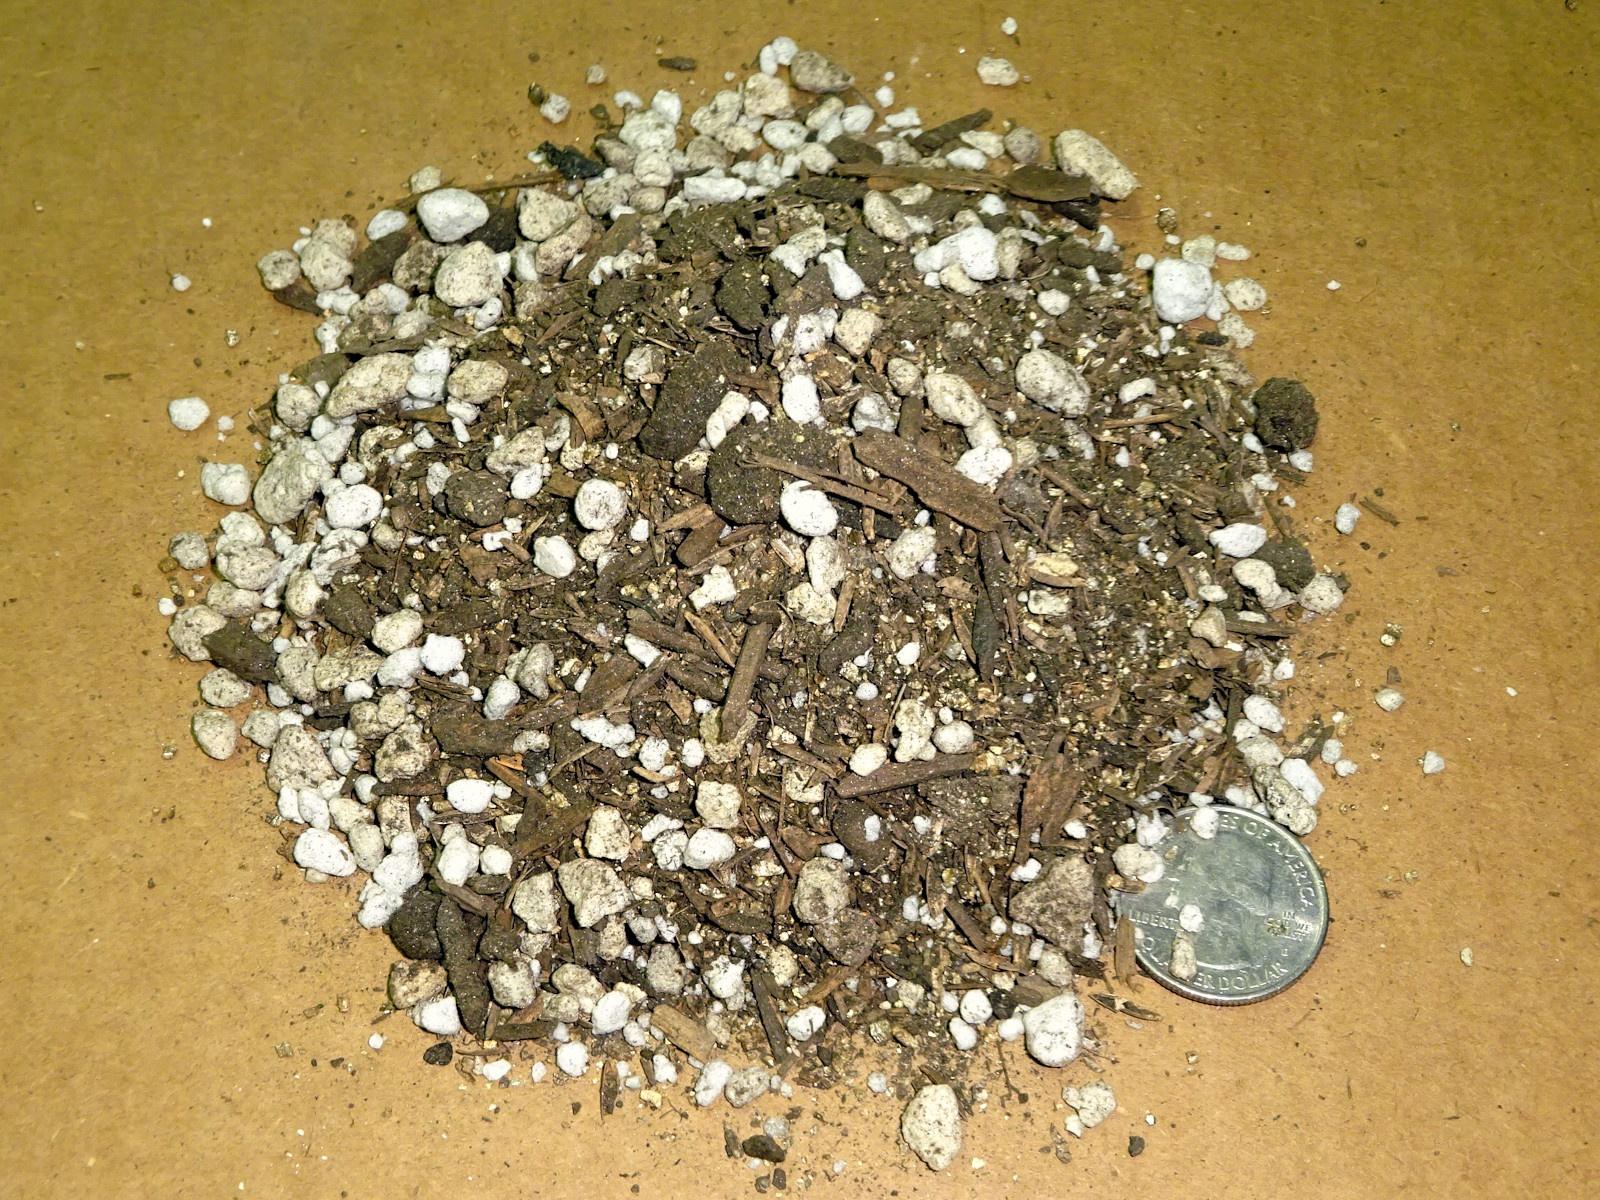 1-4-0.5-1-K-Cactus-K-PatioPlus-perlite-verm2.JPG